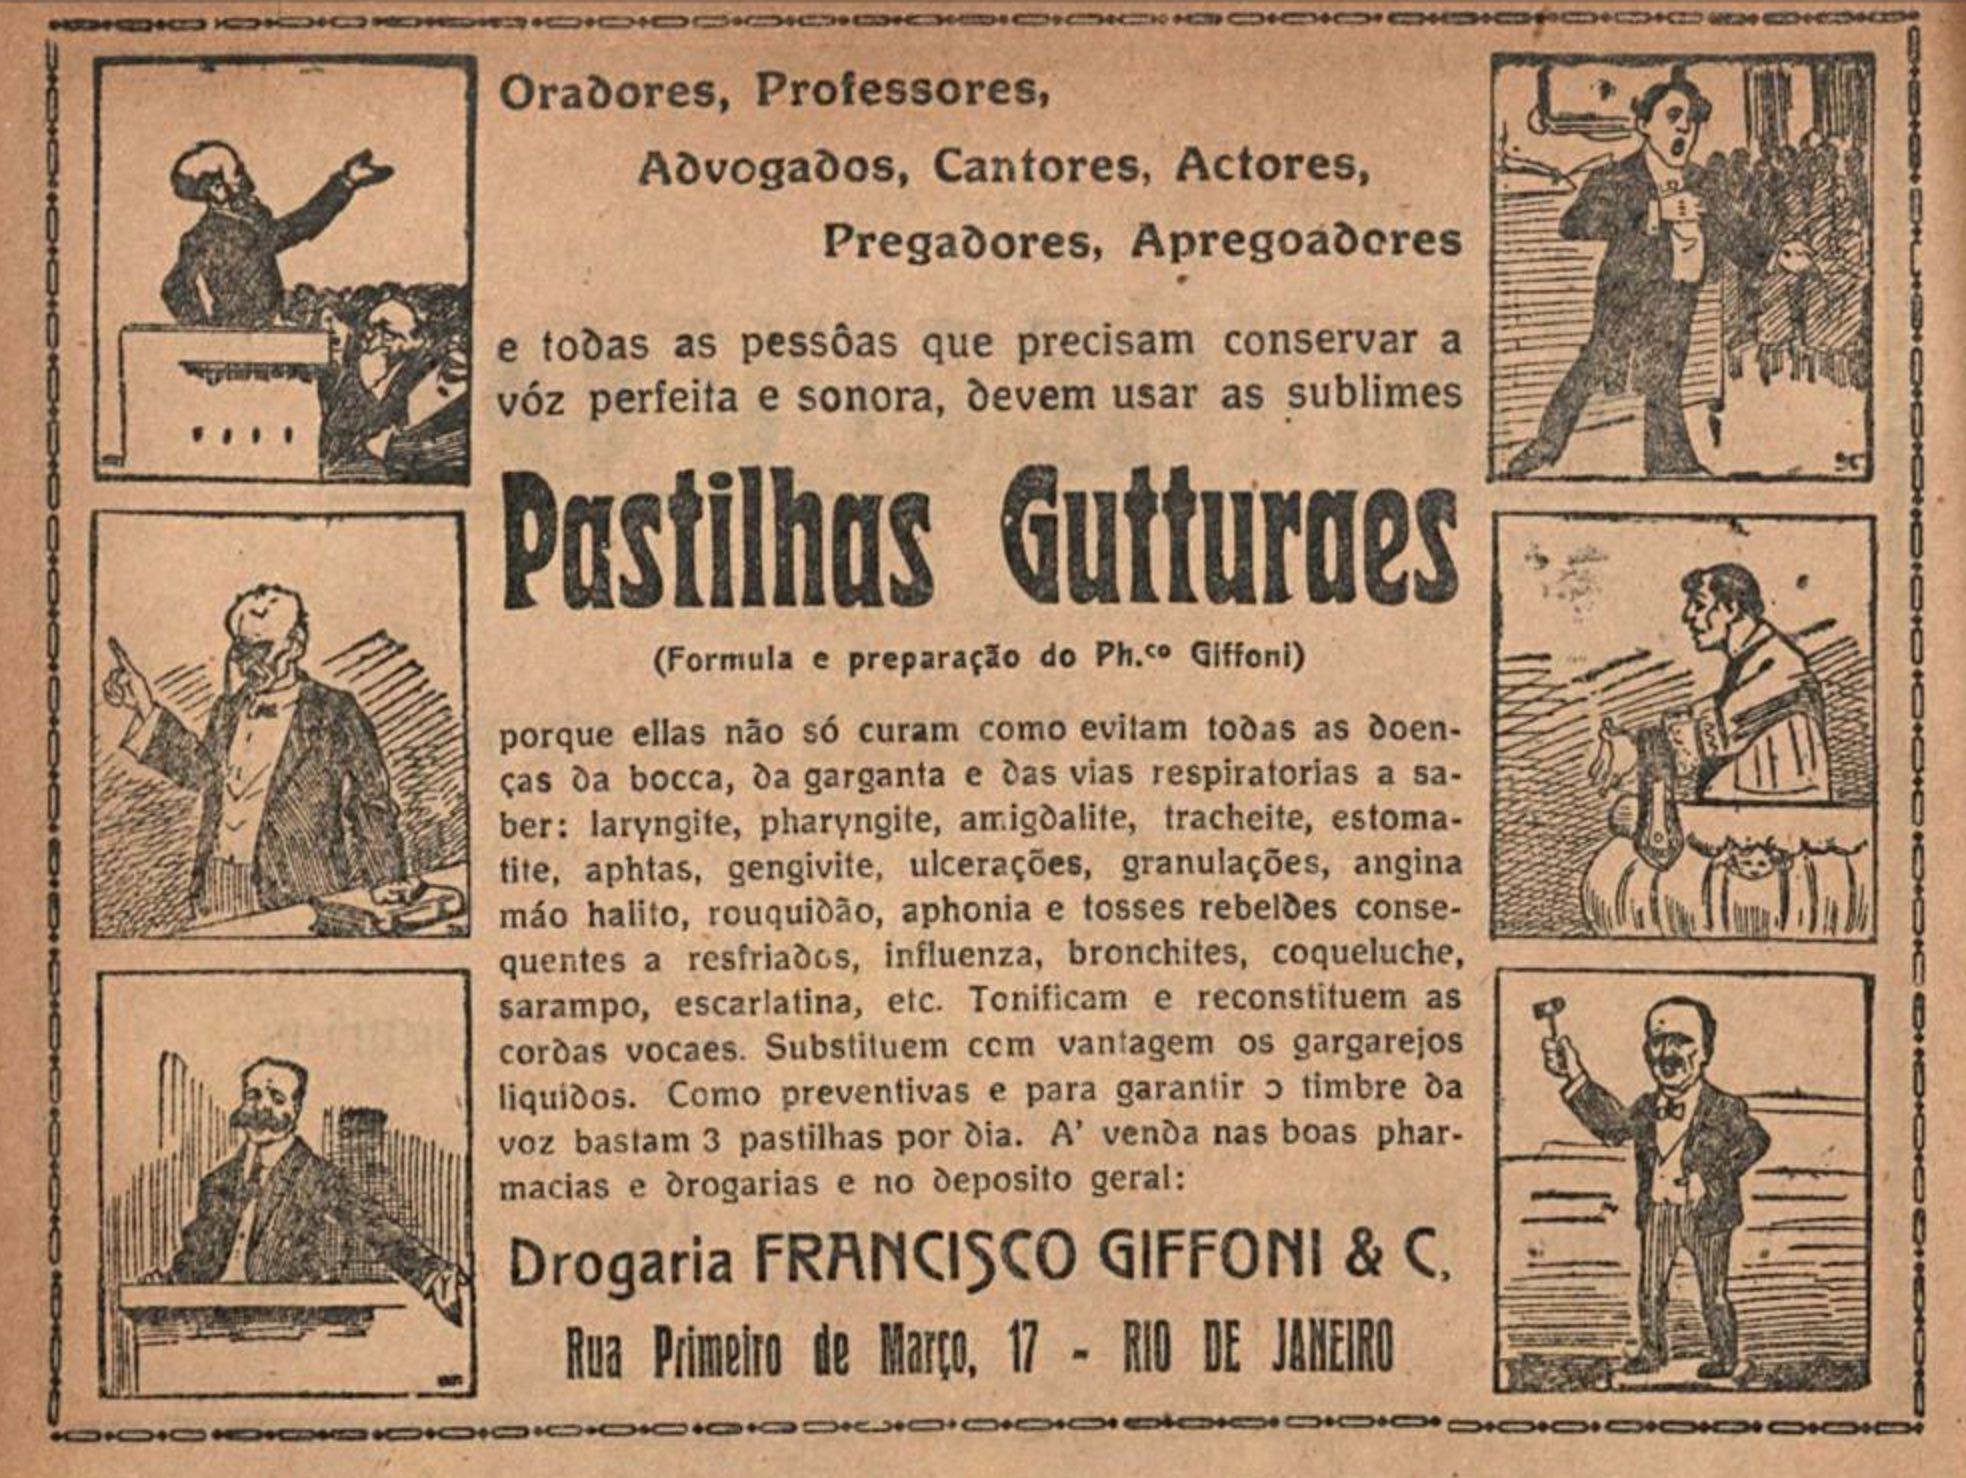 Anúncio antigo veiculado em 1921 das Pastilhas Gutturaes para cuidados com a garganta